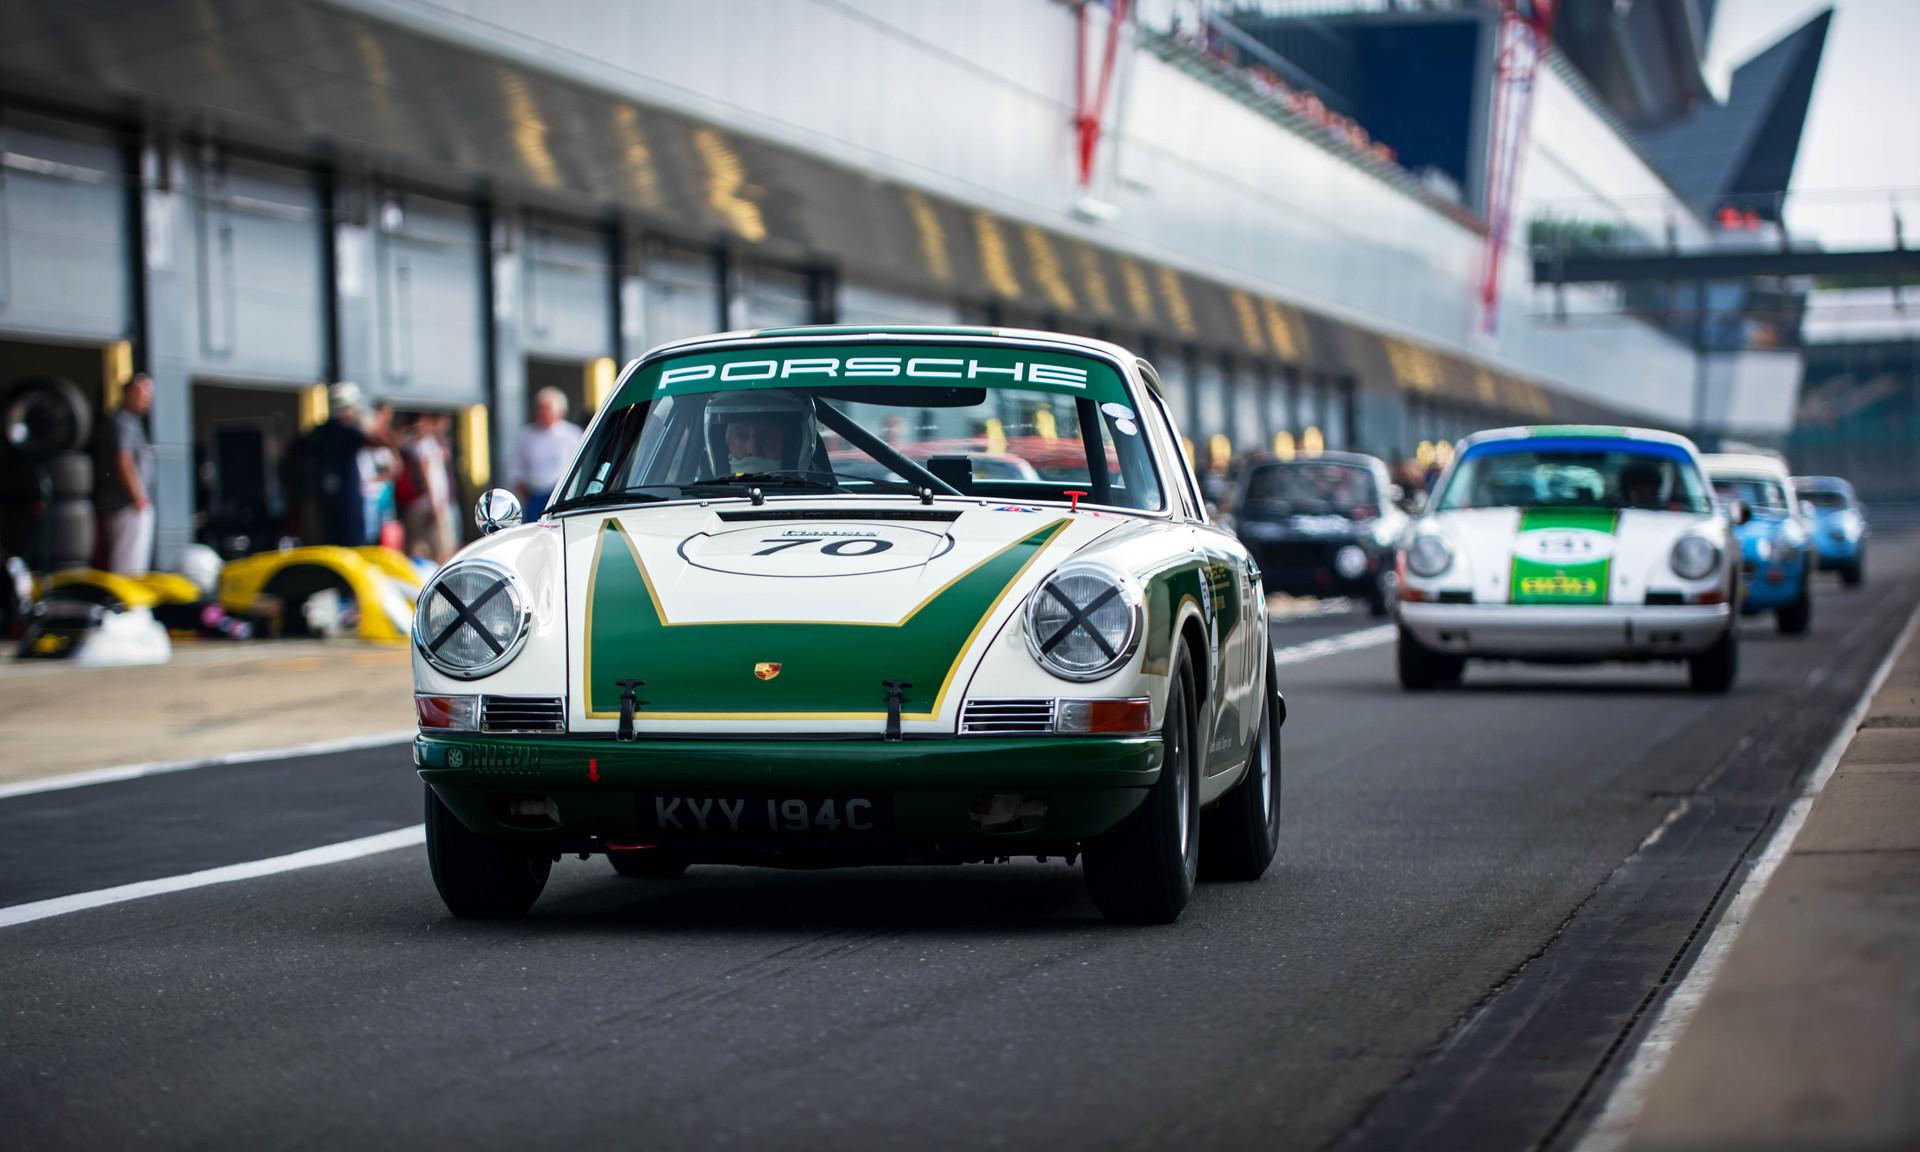 Richard Attwood & Tom Bradshaw's Porsche 911